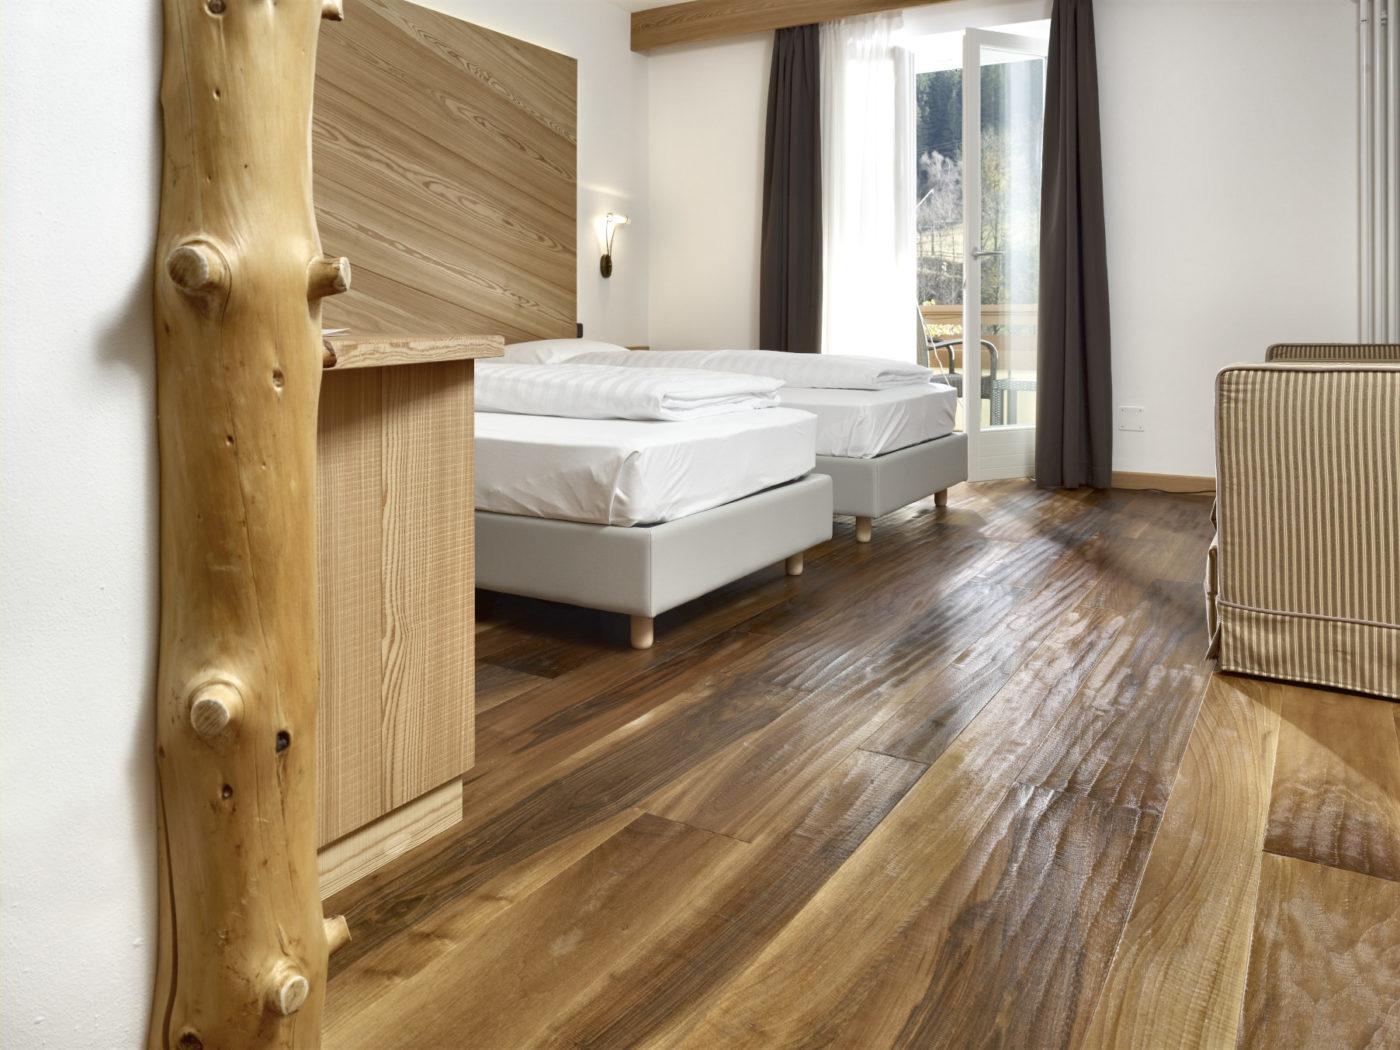 Pavimenti in legno biocompatibili hotel domani for Pavimenti di 3000 piedi quadrati